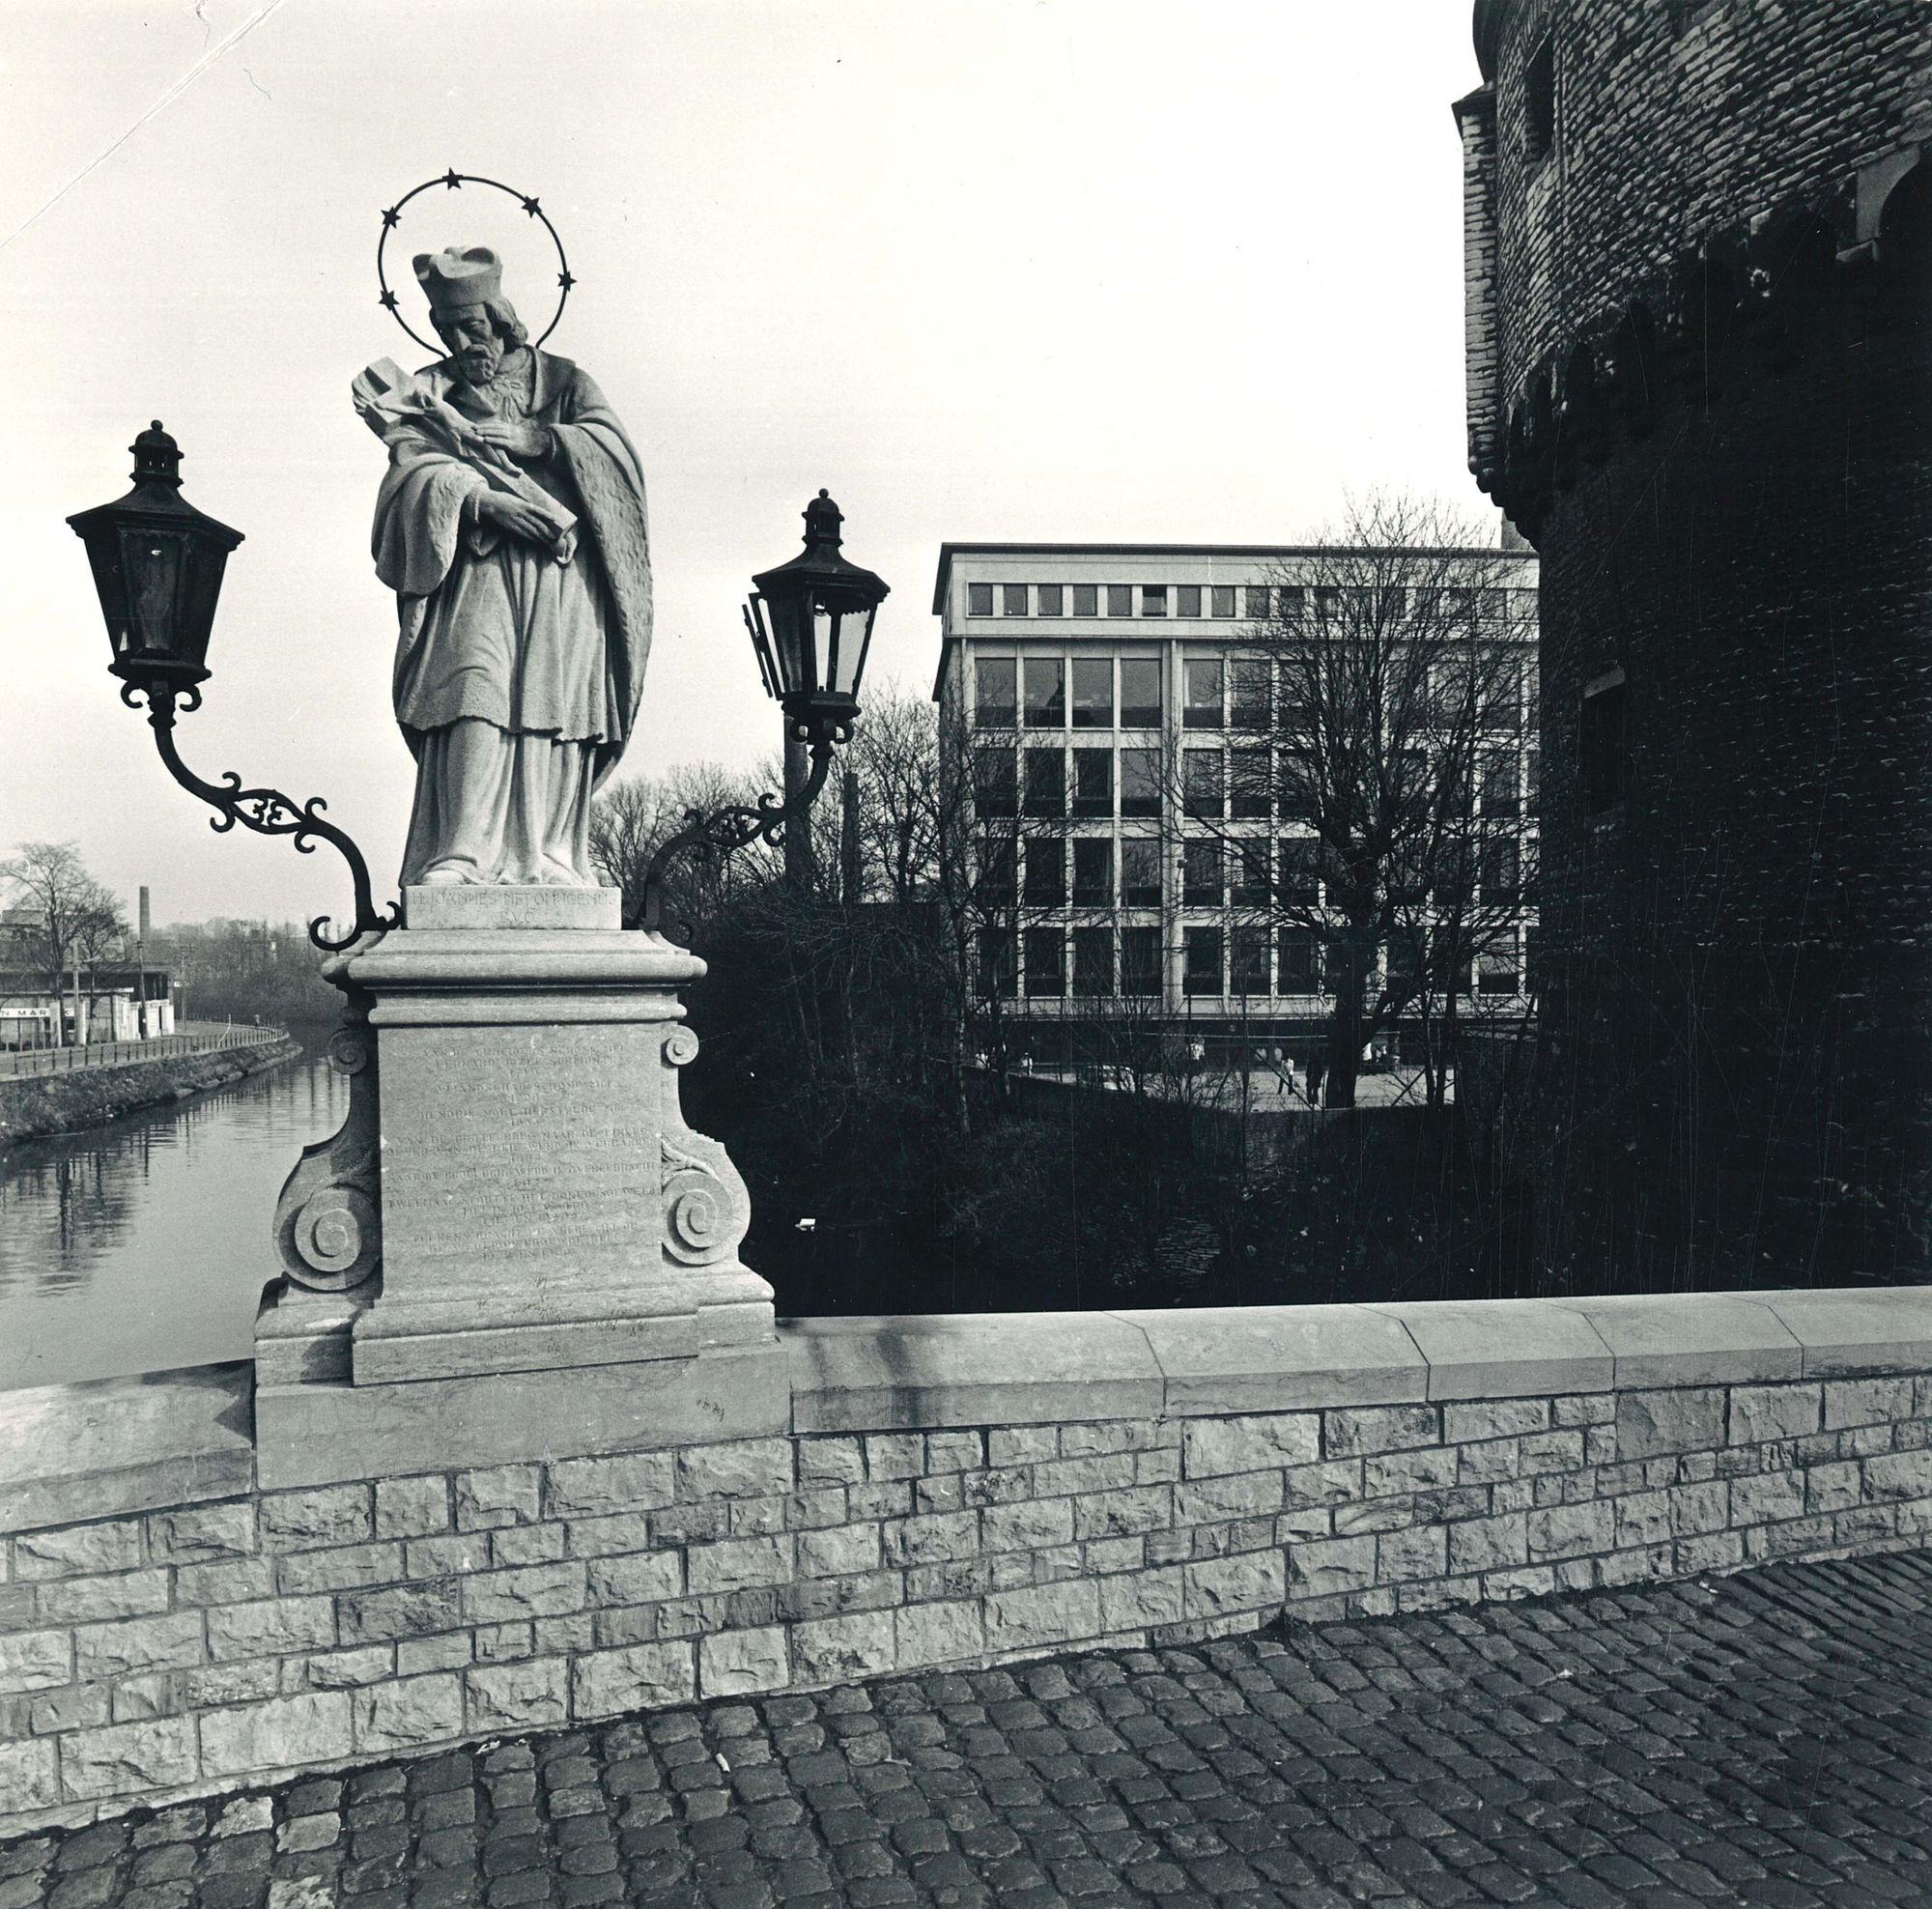 Standbeeld Heilige Johannes Nepomucenus Kortrijk 1974